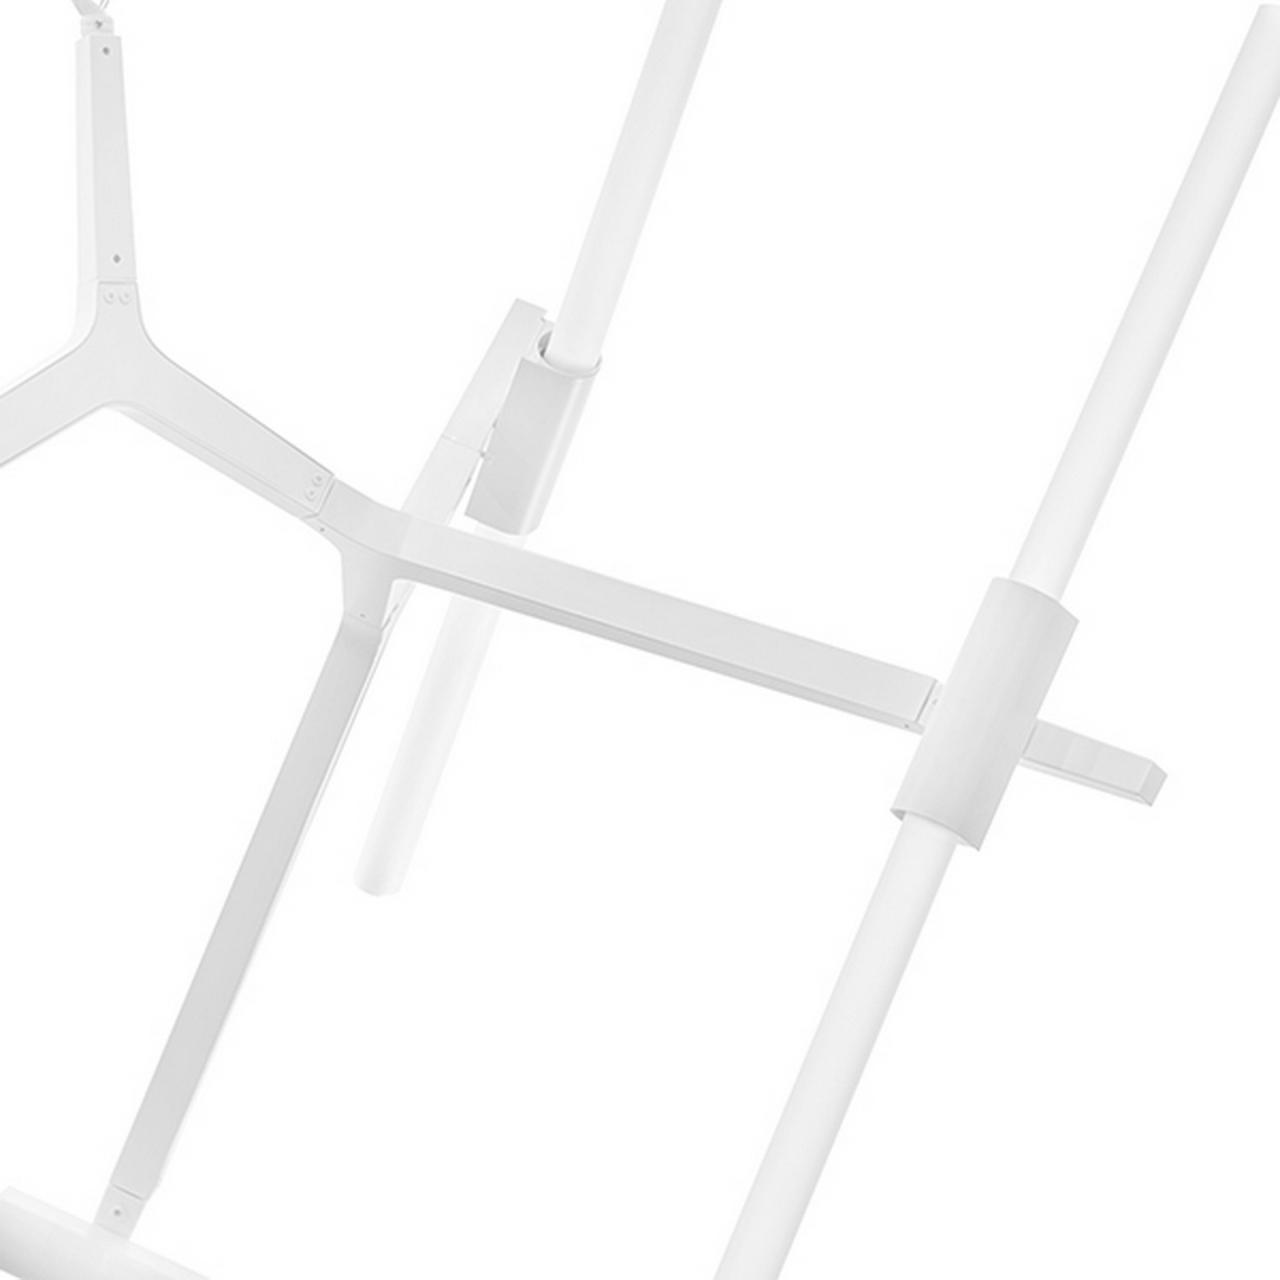 Подвесная люстра STRUTTURA LightStar 742106 цвет - белый матовый